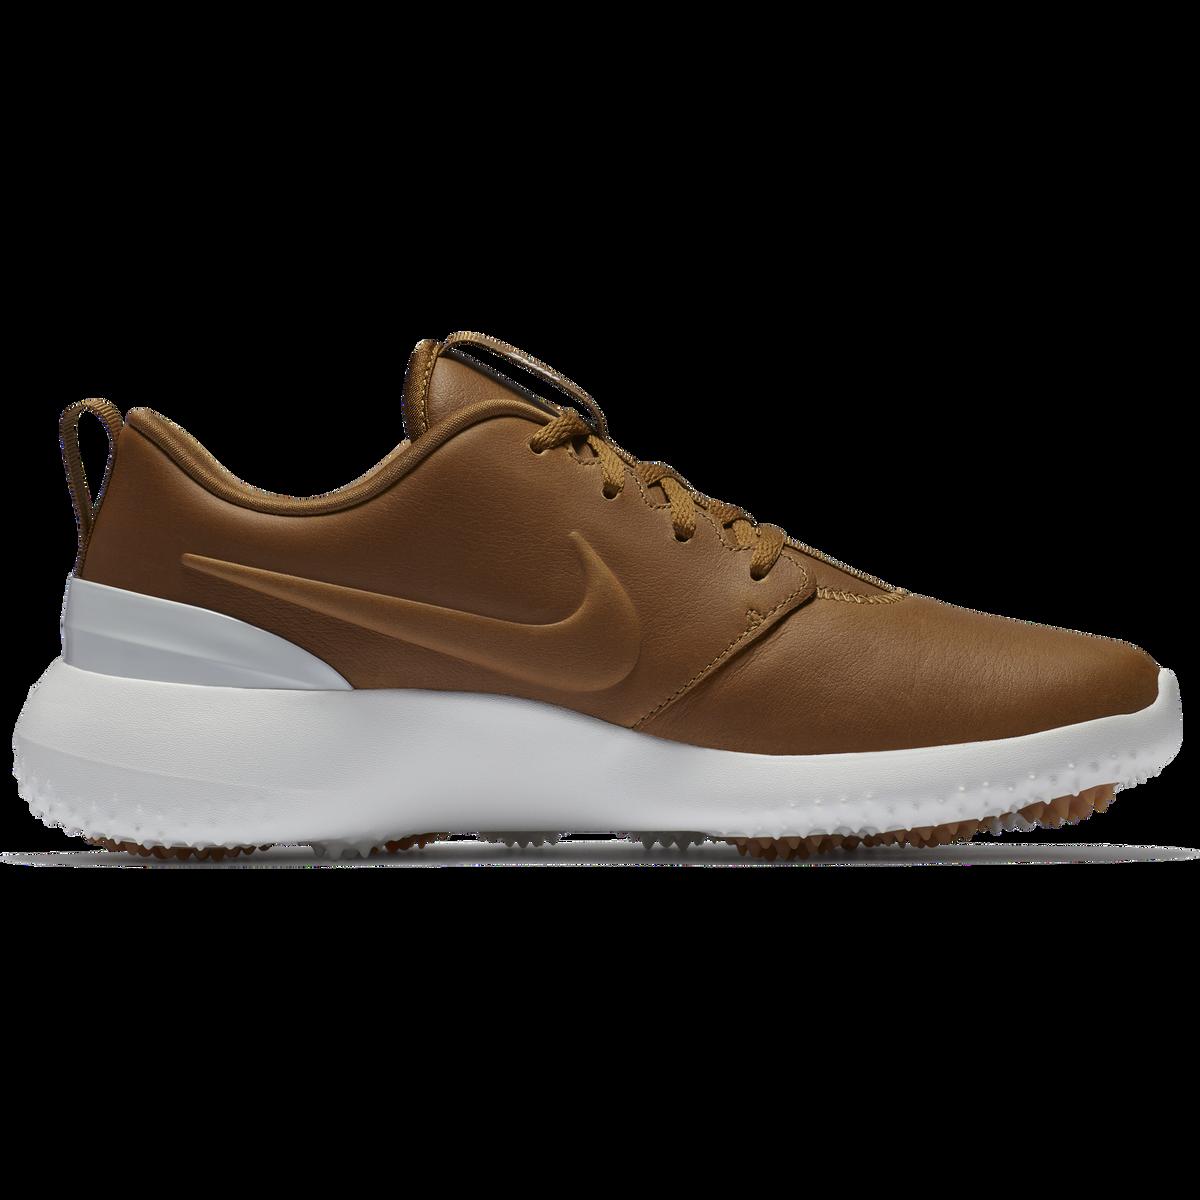 Nike Roshe G Premium Men s Golf Shoe - Brown 6ffcab65e